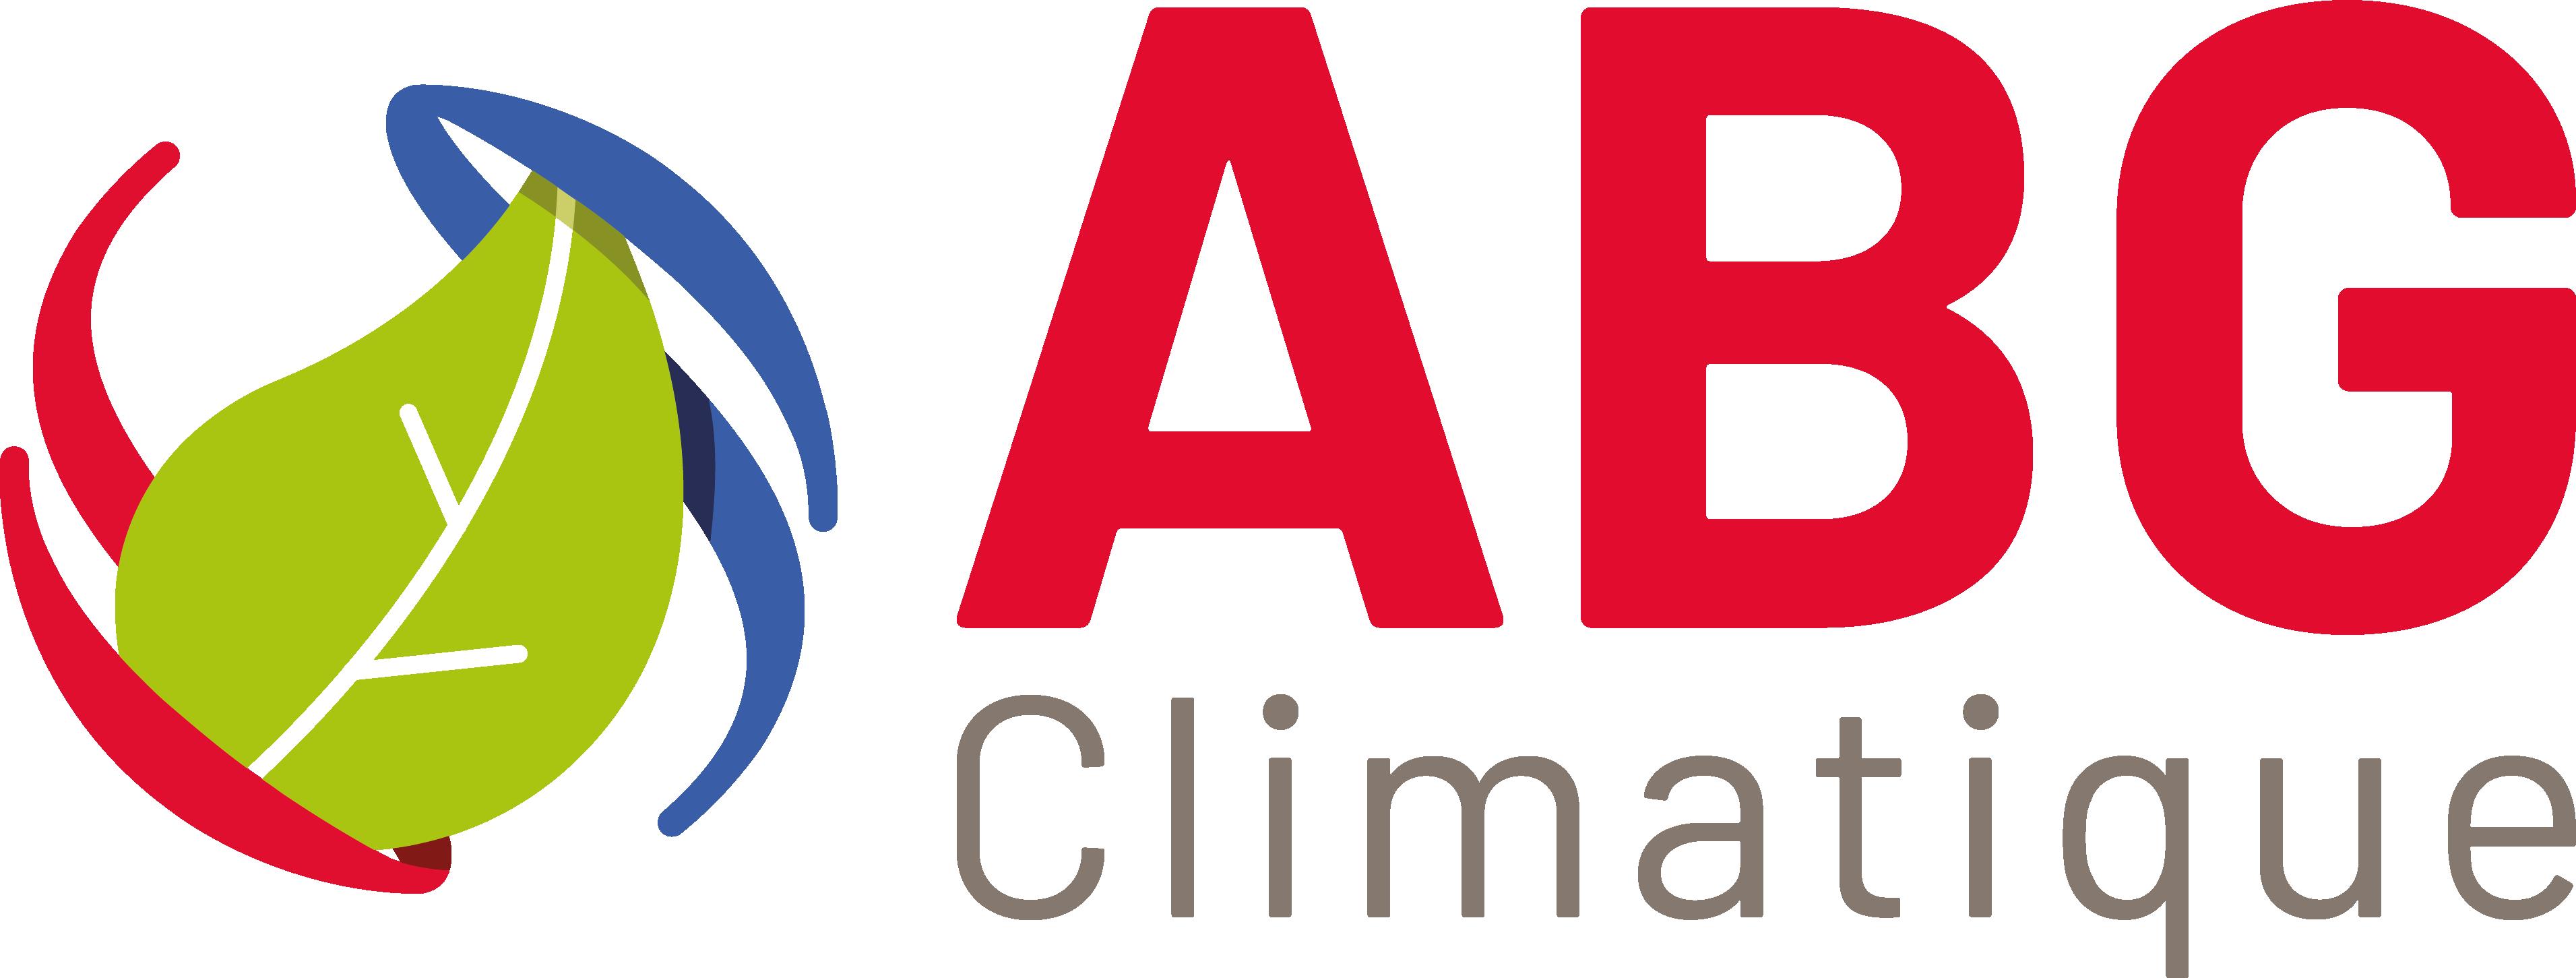 abg climatique 920x350